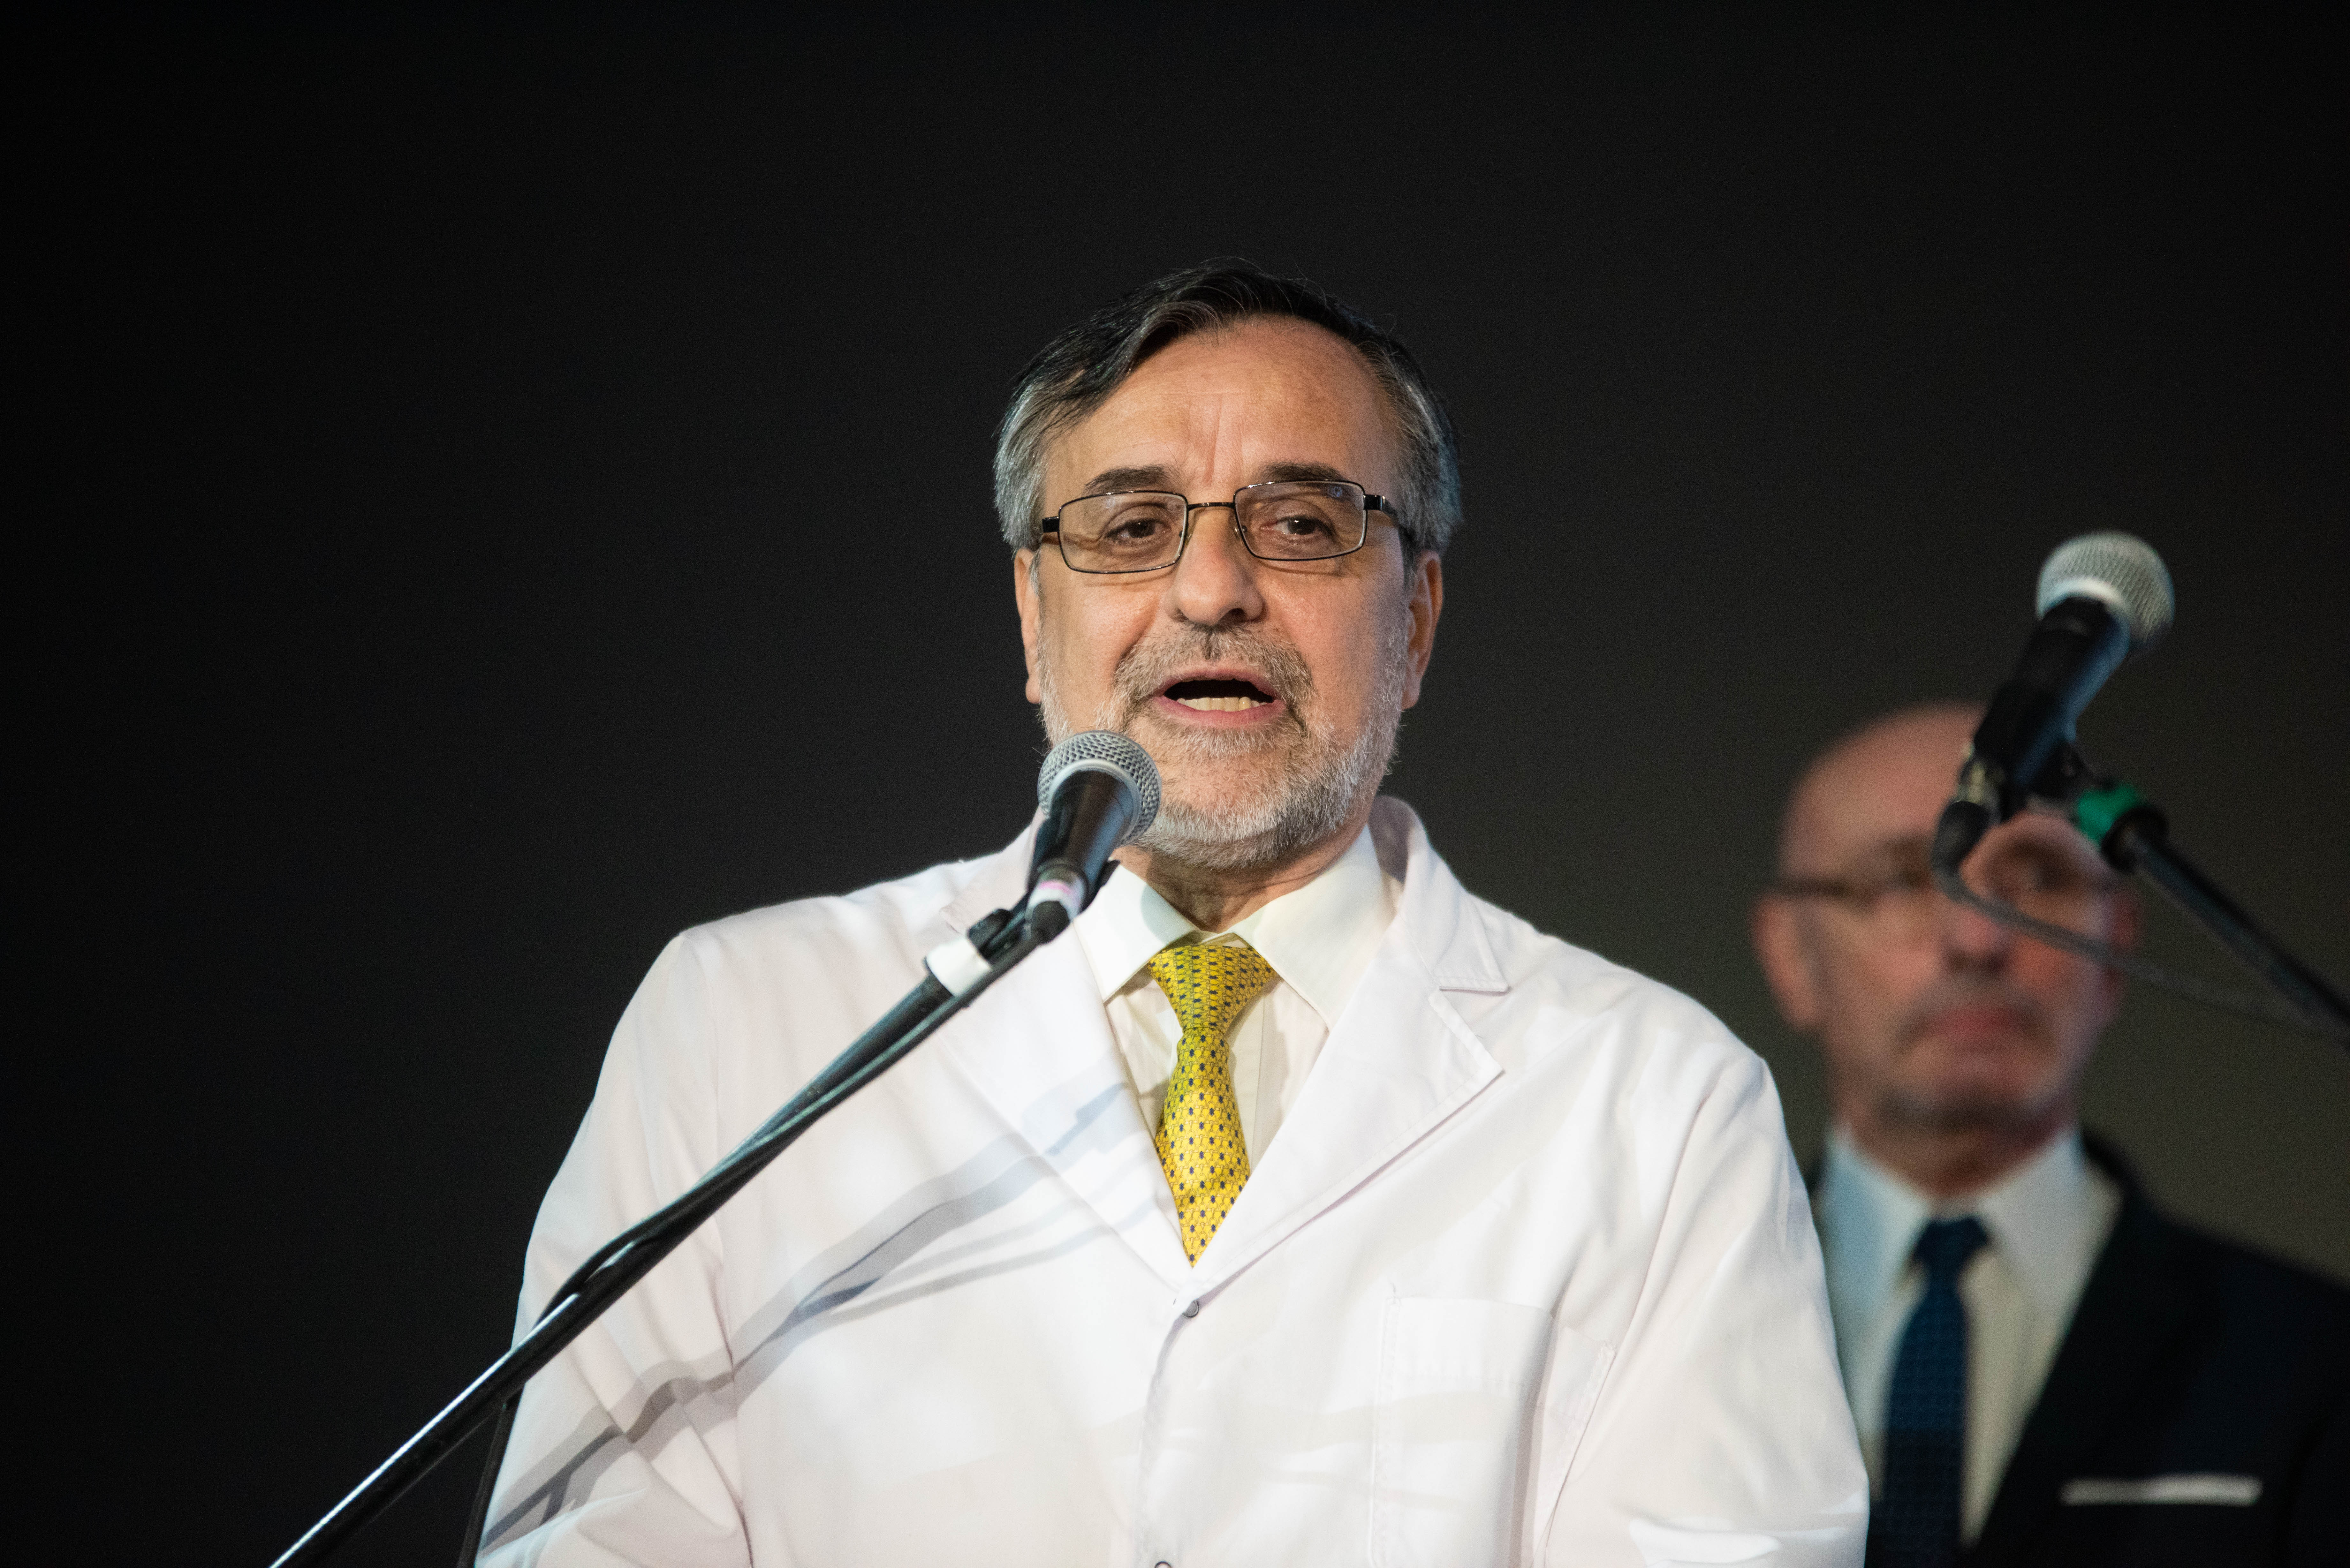 Fernando Cichero, director del Hospital de Rehabilitación Manuel Rocca